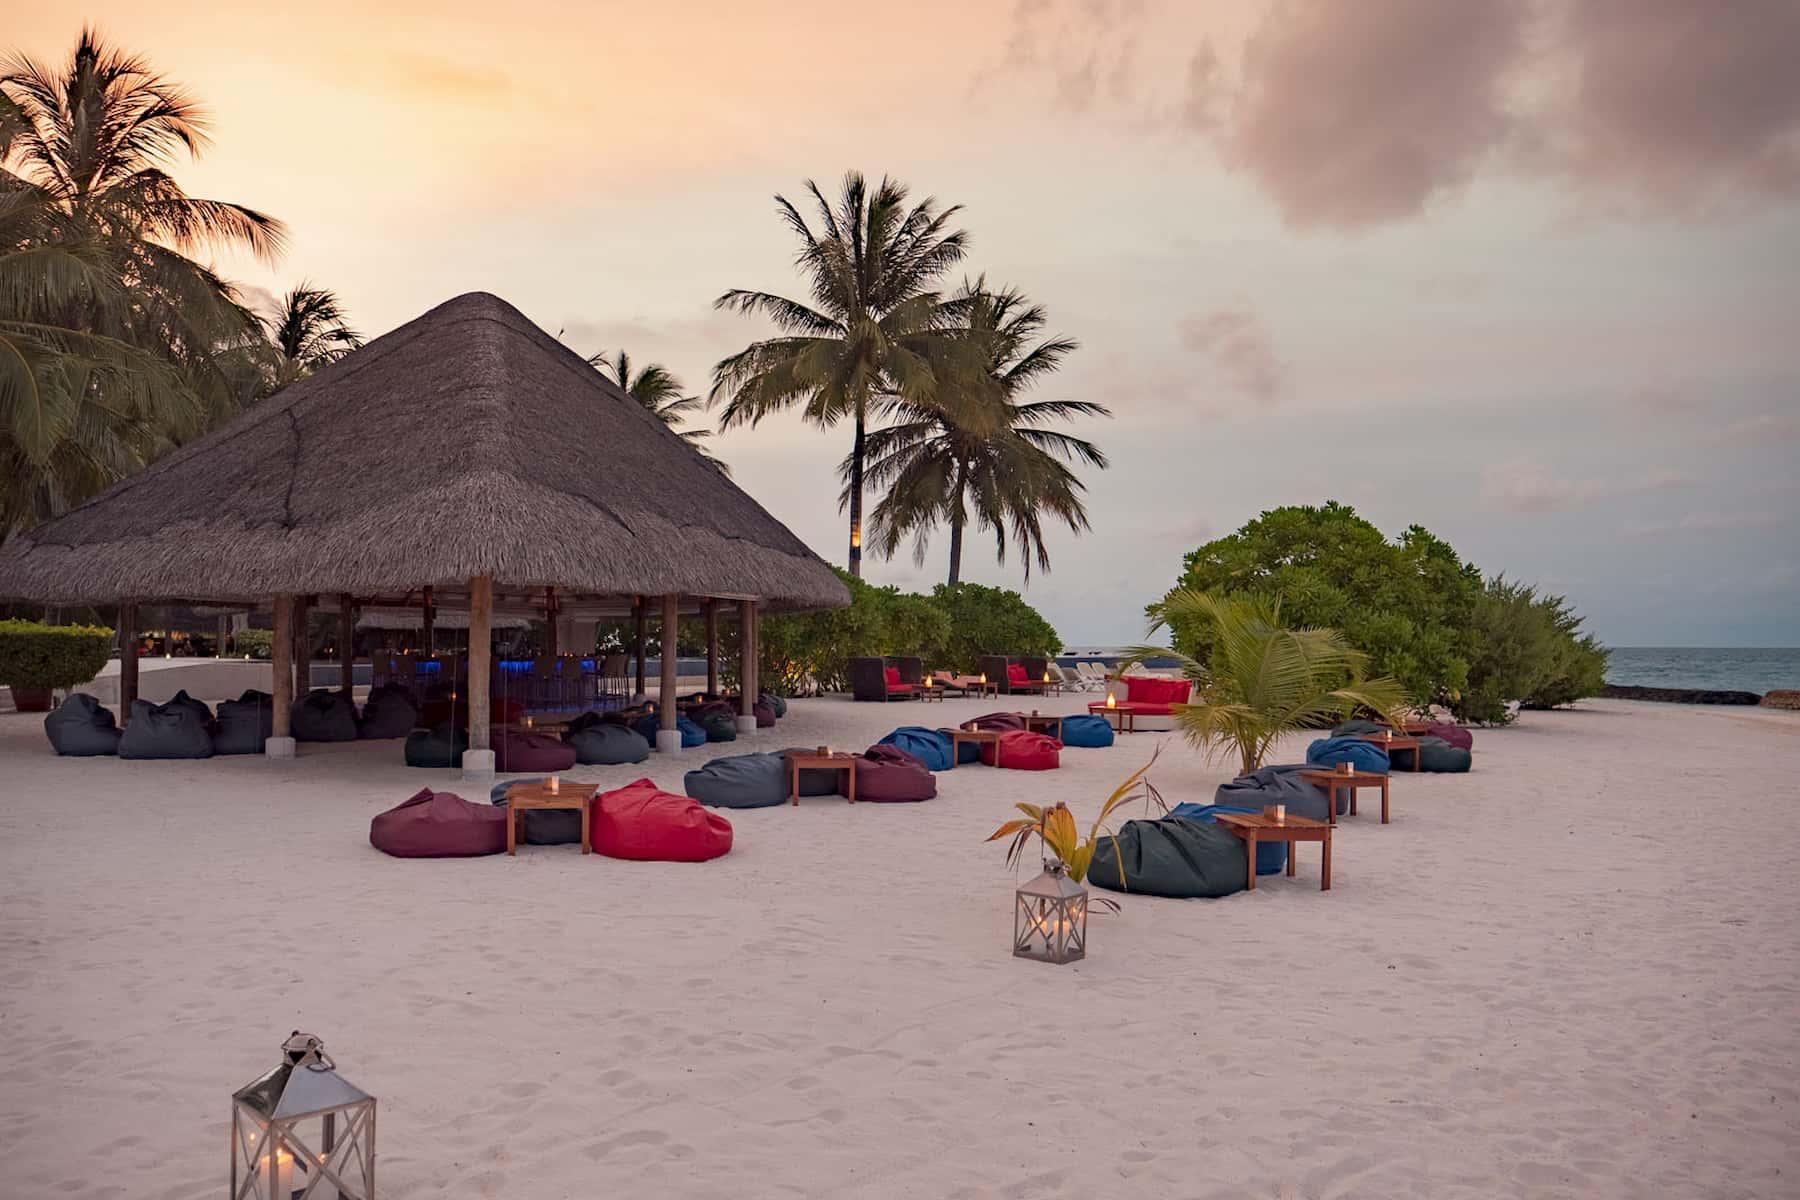 Resort Maldive Kuramathi Island cocktail sand bar